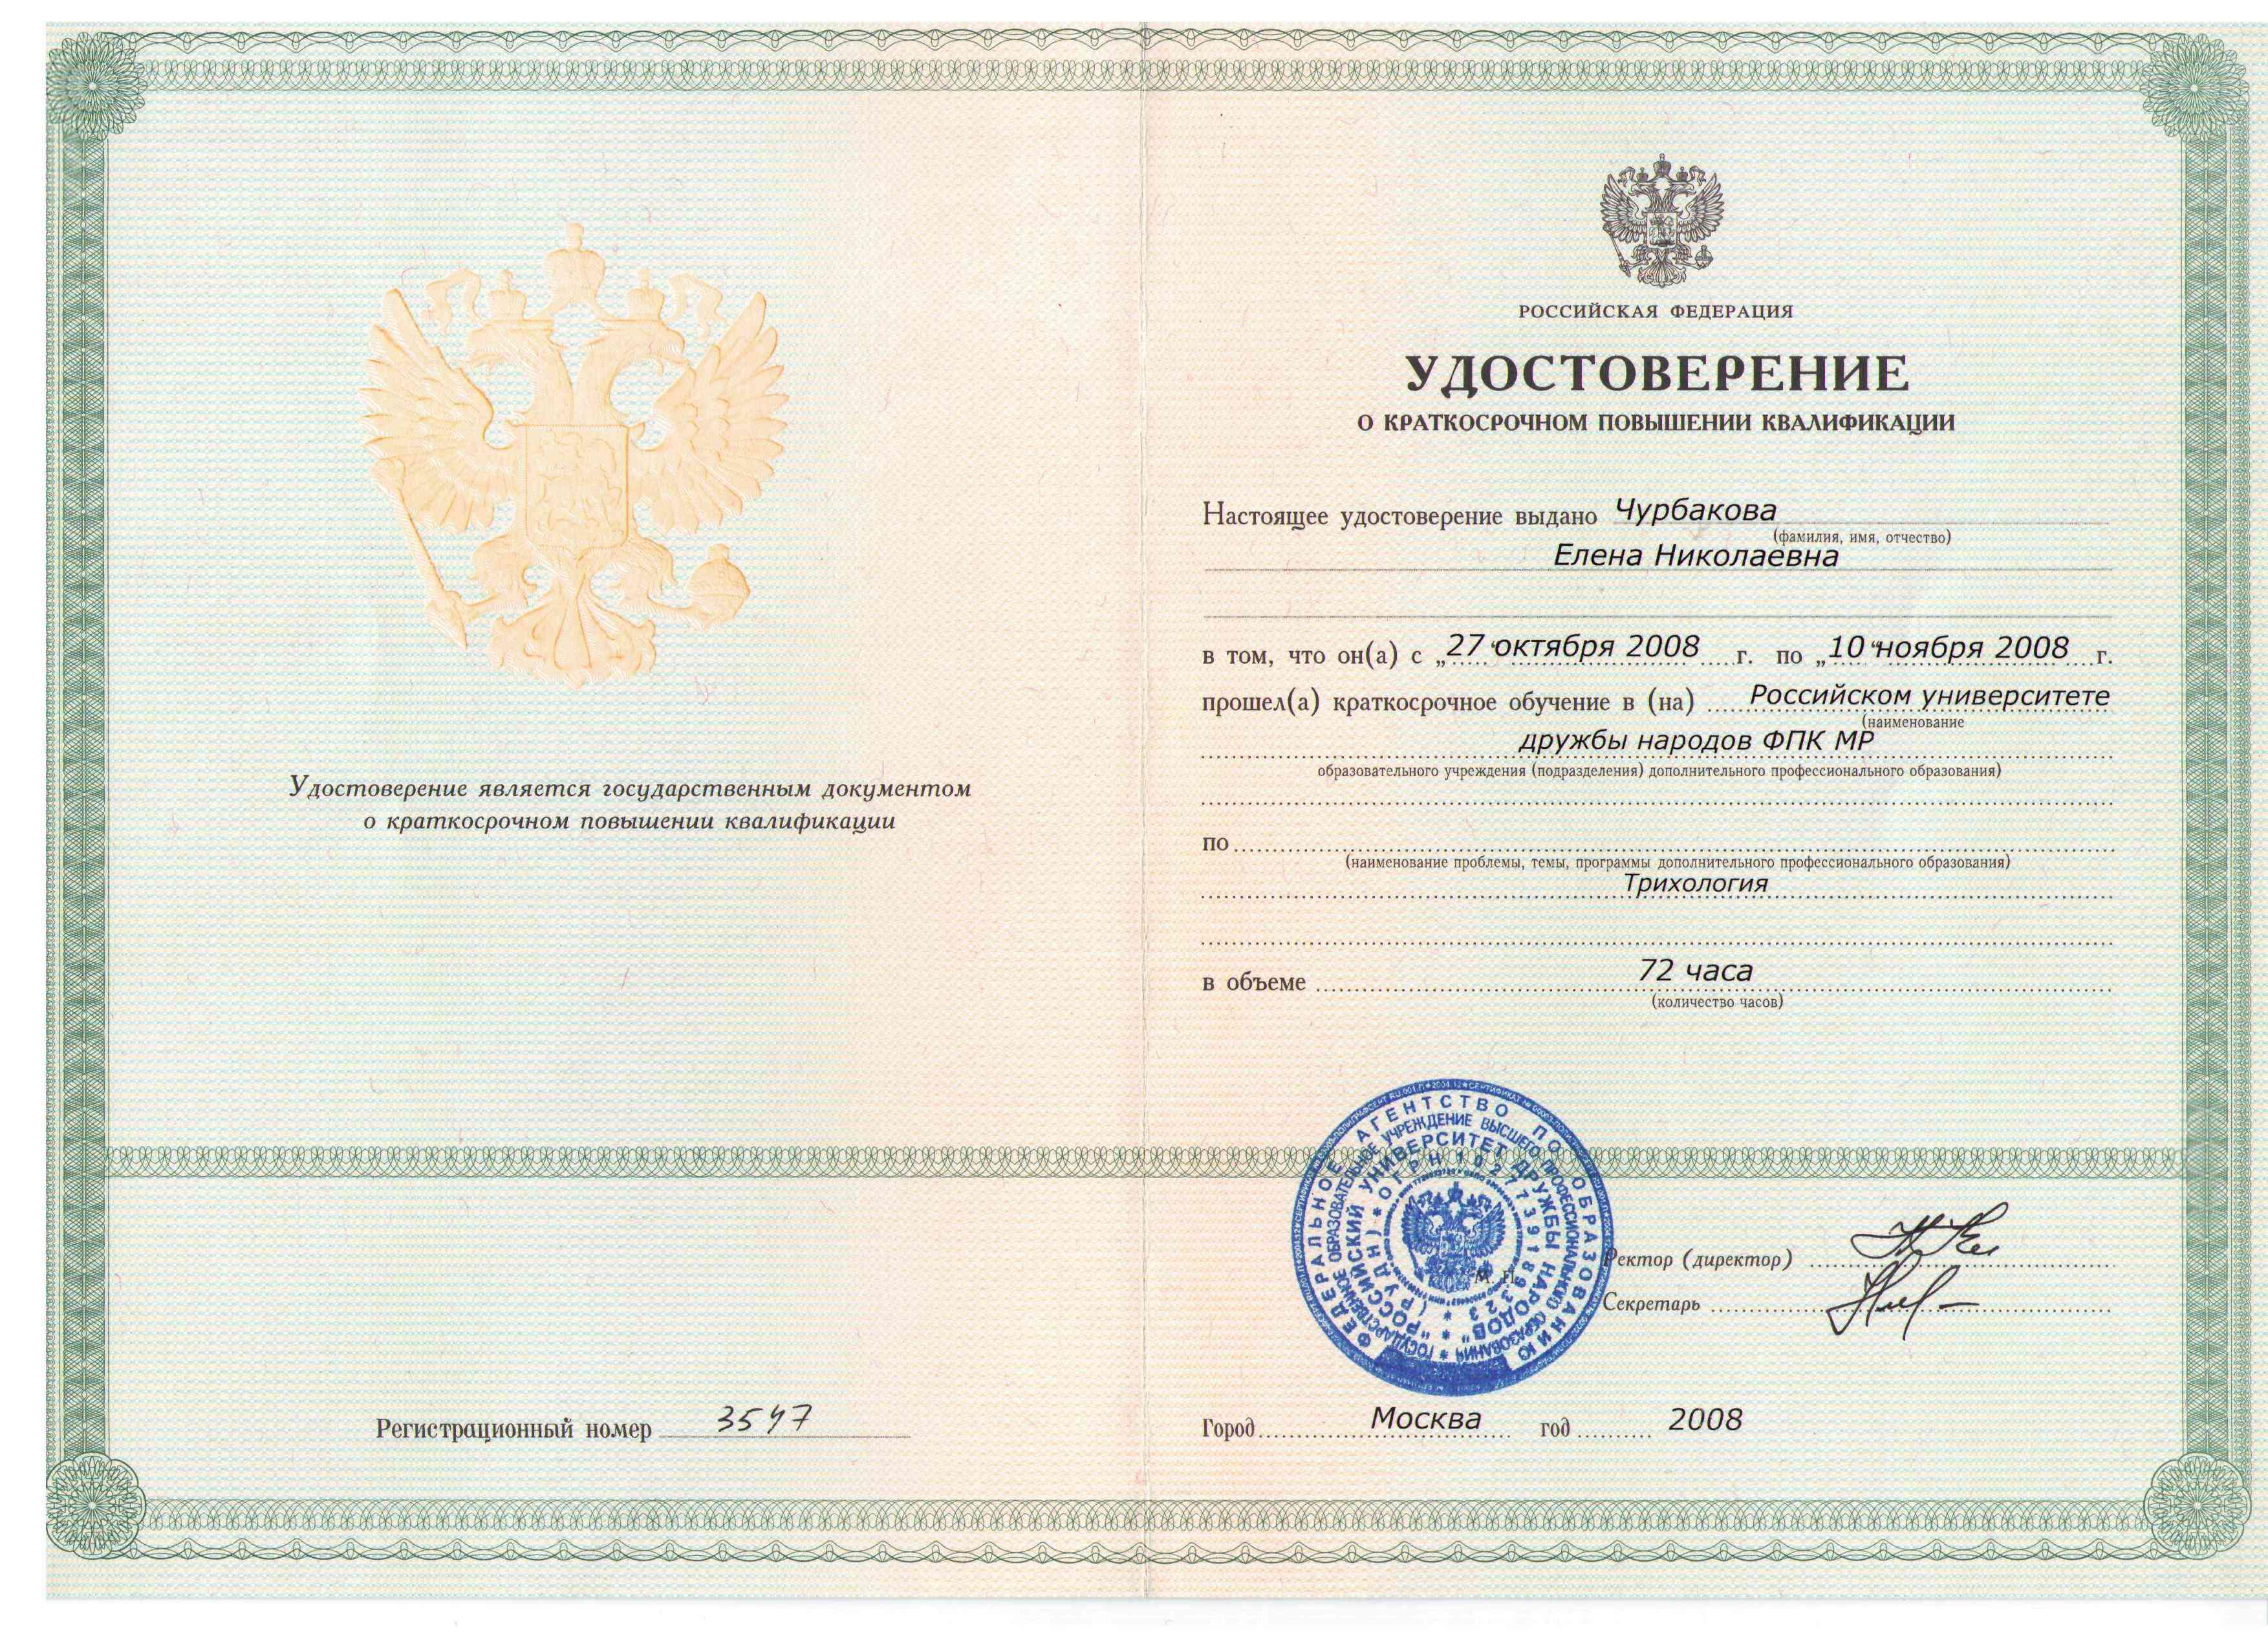 """2008 удостоверение """"трихология"""""""